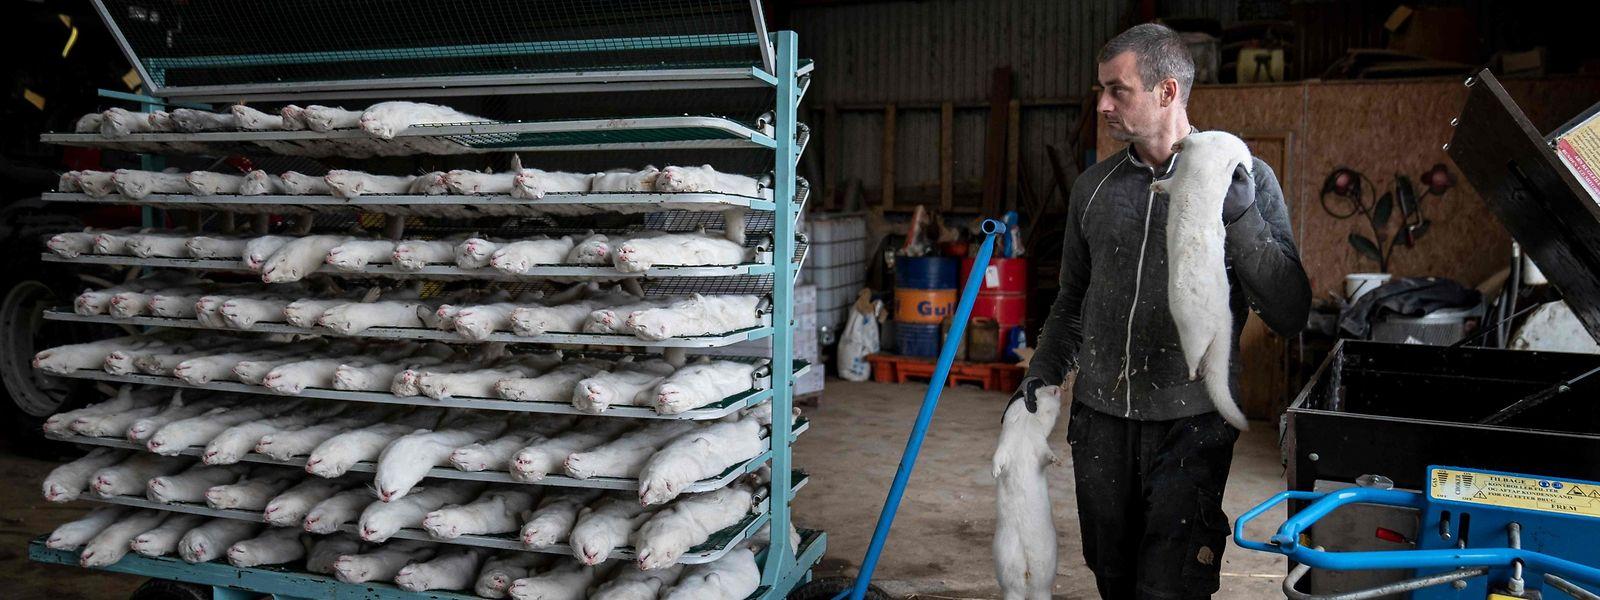 Die dänische Regierung hatte Anfang November mitgeteilt, dass alle Pelztiere im Land getötet werden sollen, weil das Coronavirus in den Tieren mutiert sei.